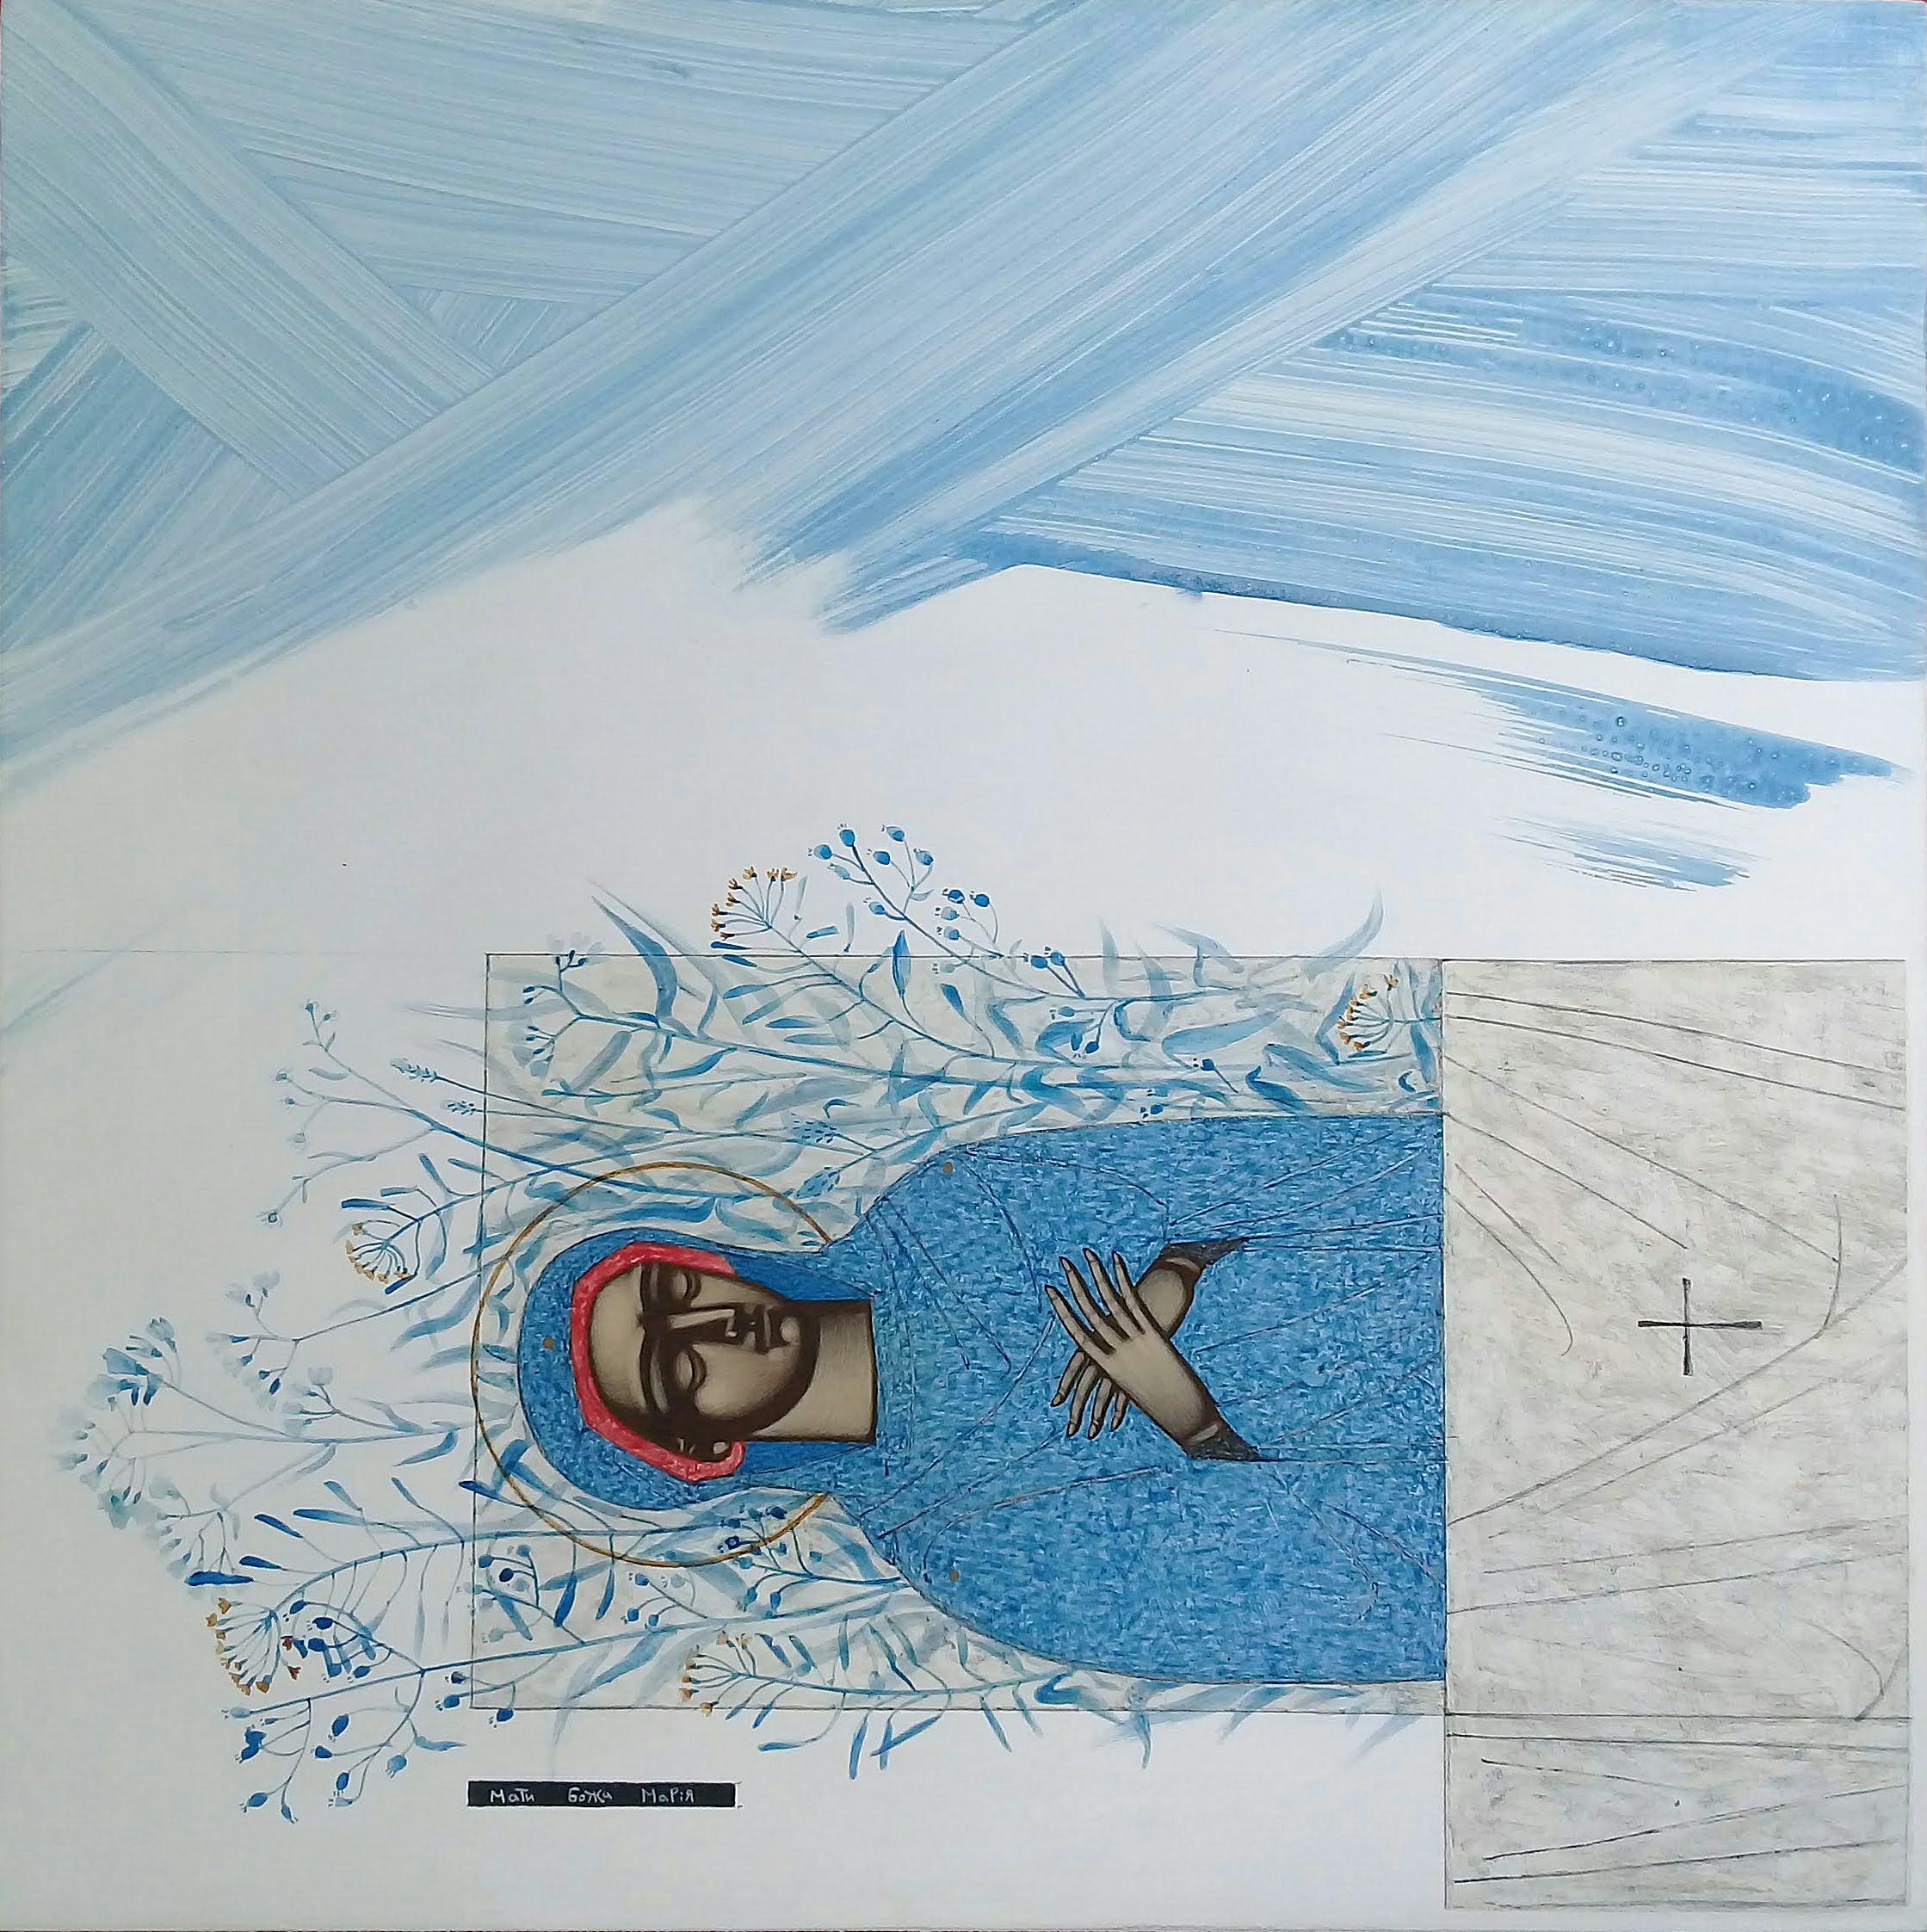 Катерина Кузів. Успення Богородиці, 2019; дошка, левкас, жовткова темпера, 40х40